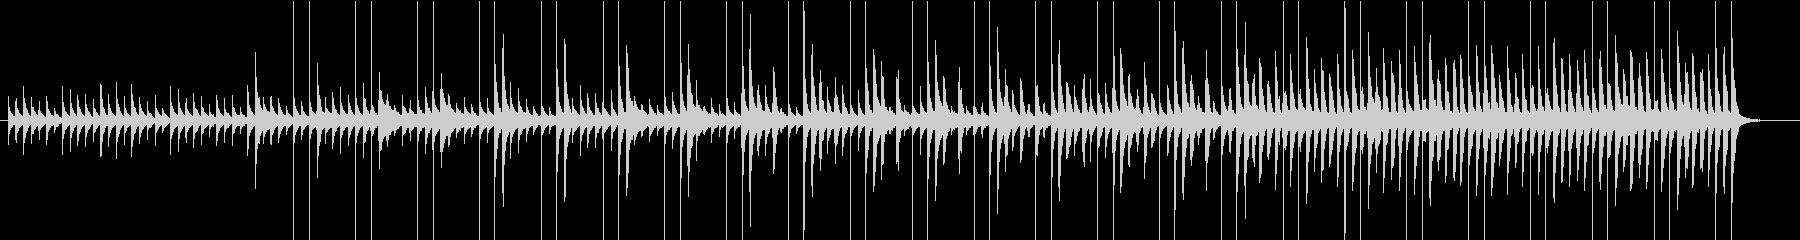 モダンで可愛いCMの未再生の波形